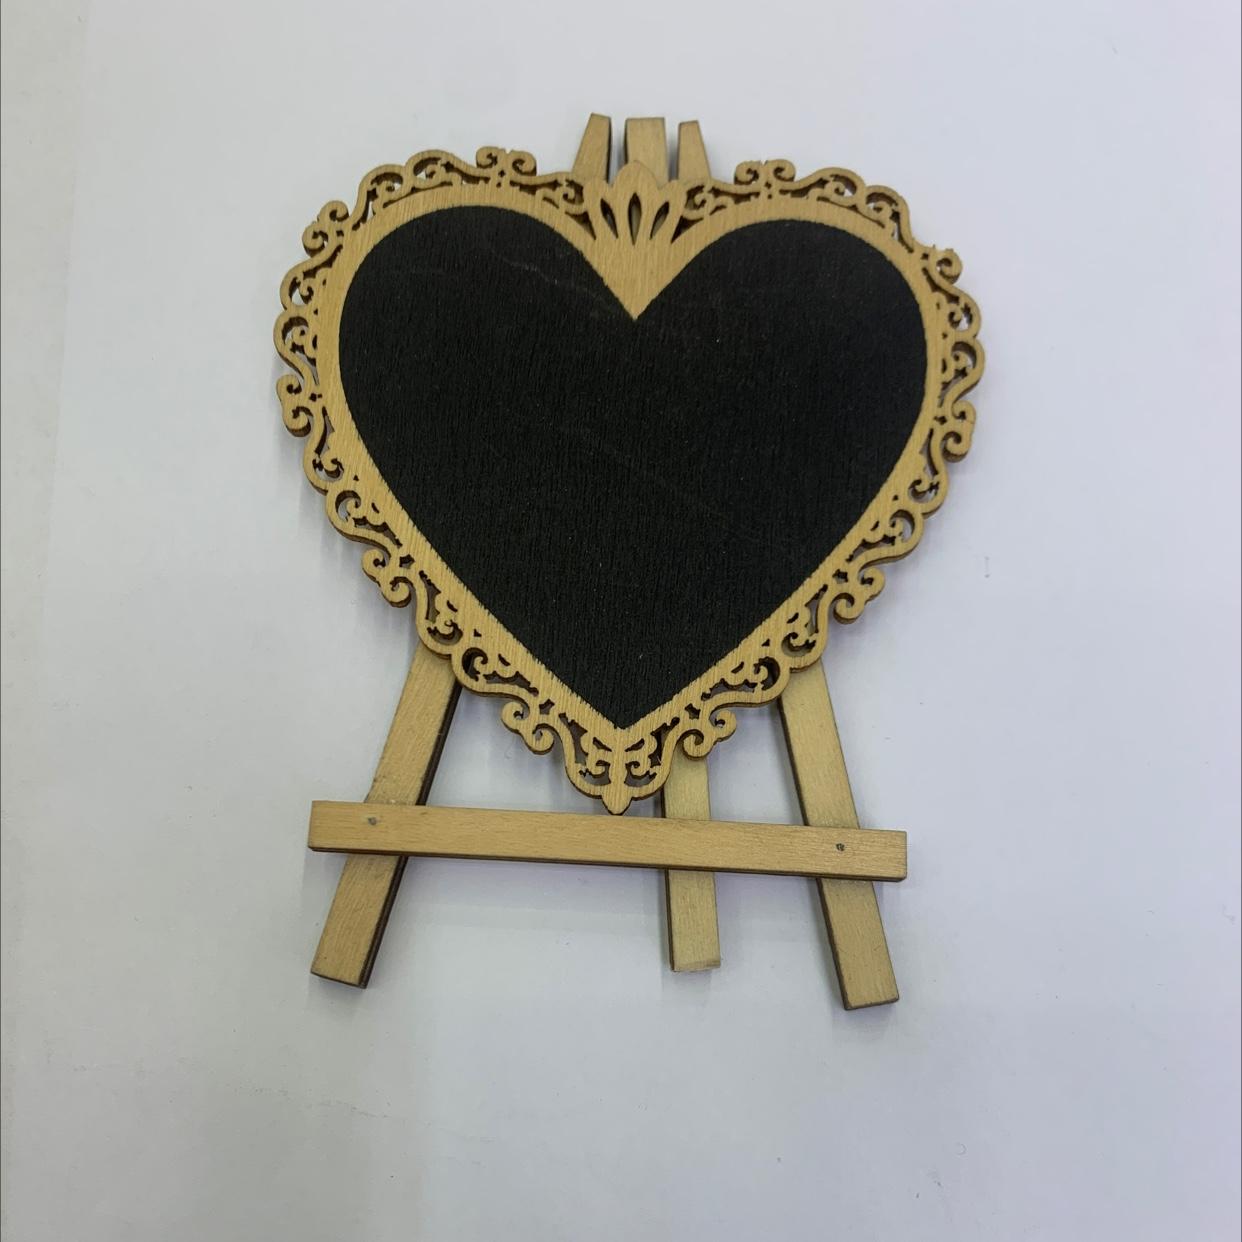 爱心形状 三脚架 留言板 木制 装饰摆件 99